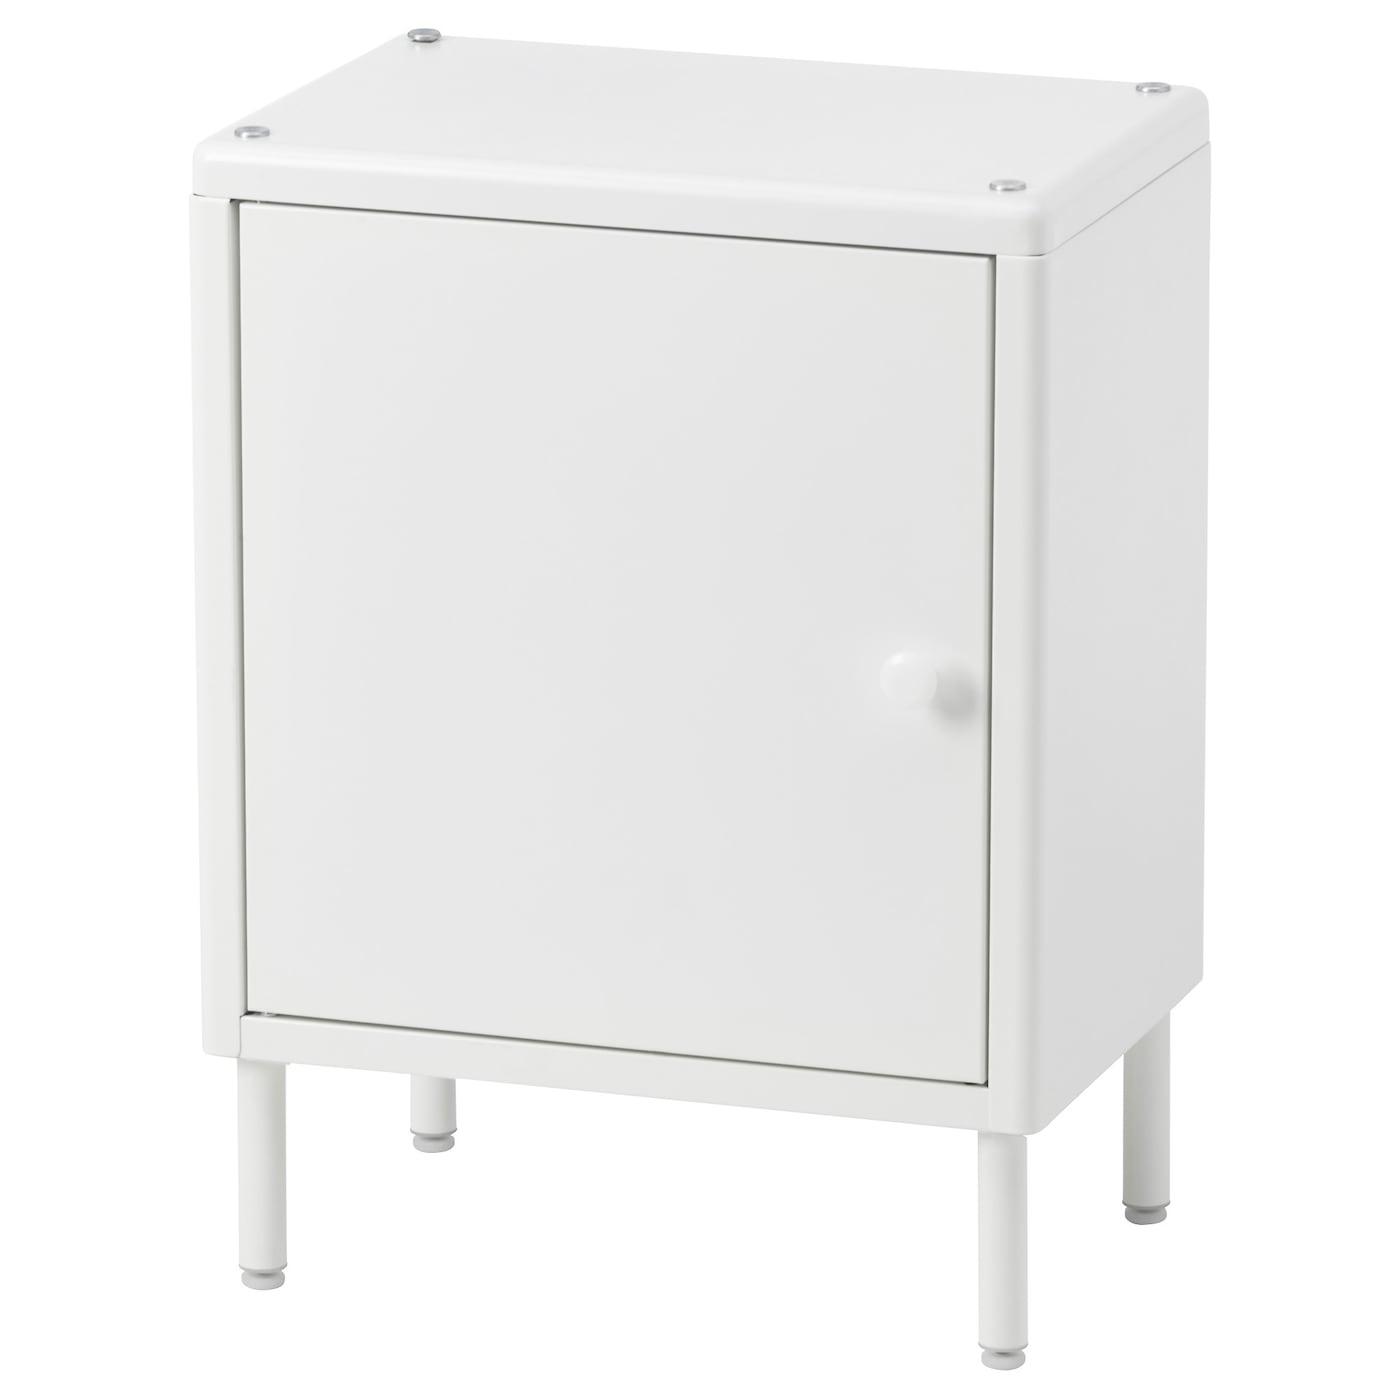 IKEA DYNAN biała szafka z drzwiami, 40x27x54 cm